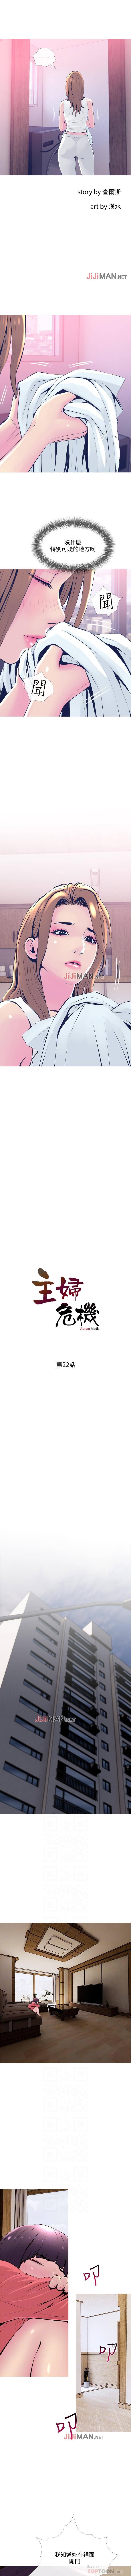 【周五连载】主妇危机(作者:查爾斯&漢水) 第1~26话 148